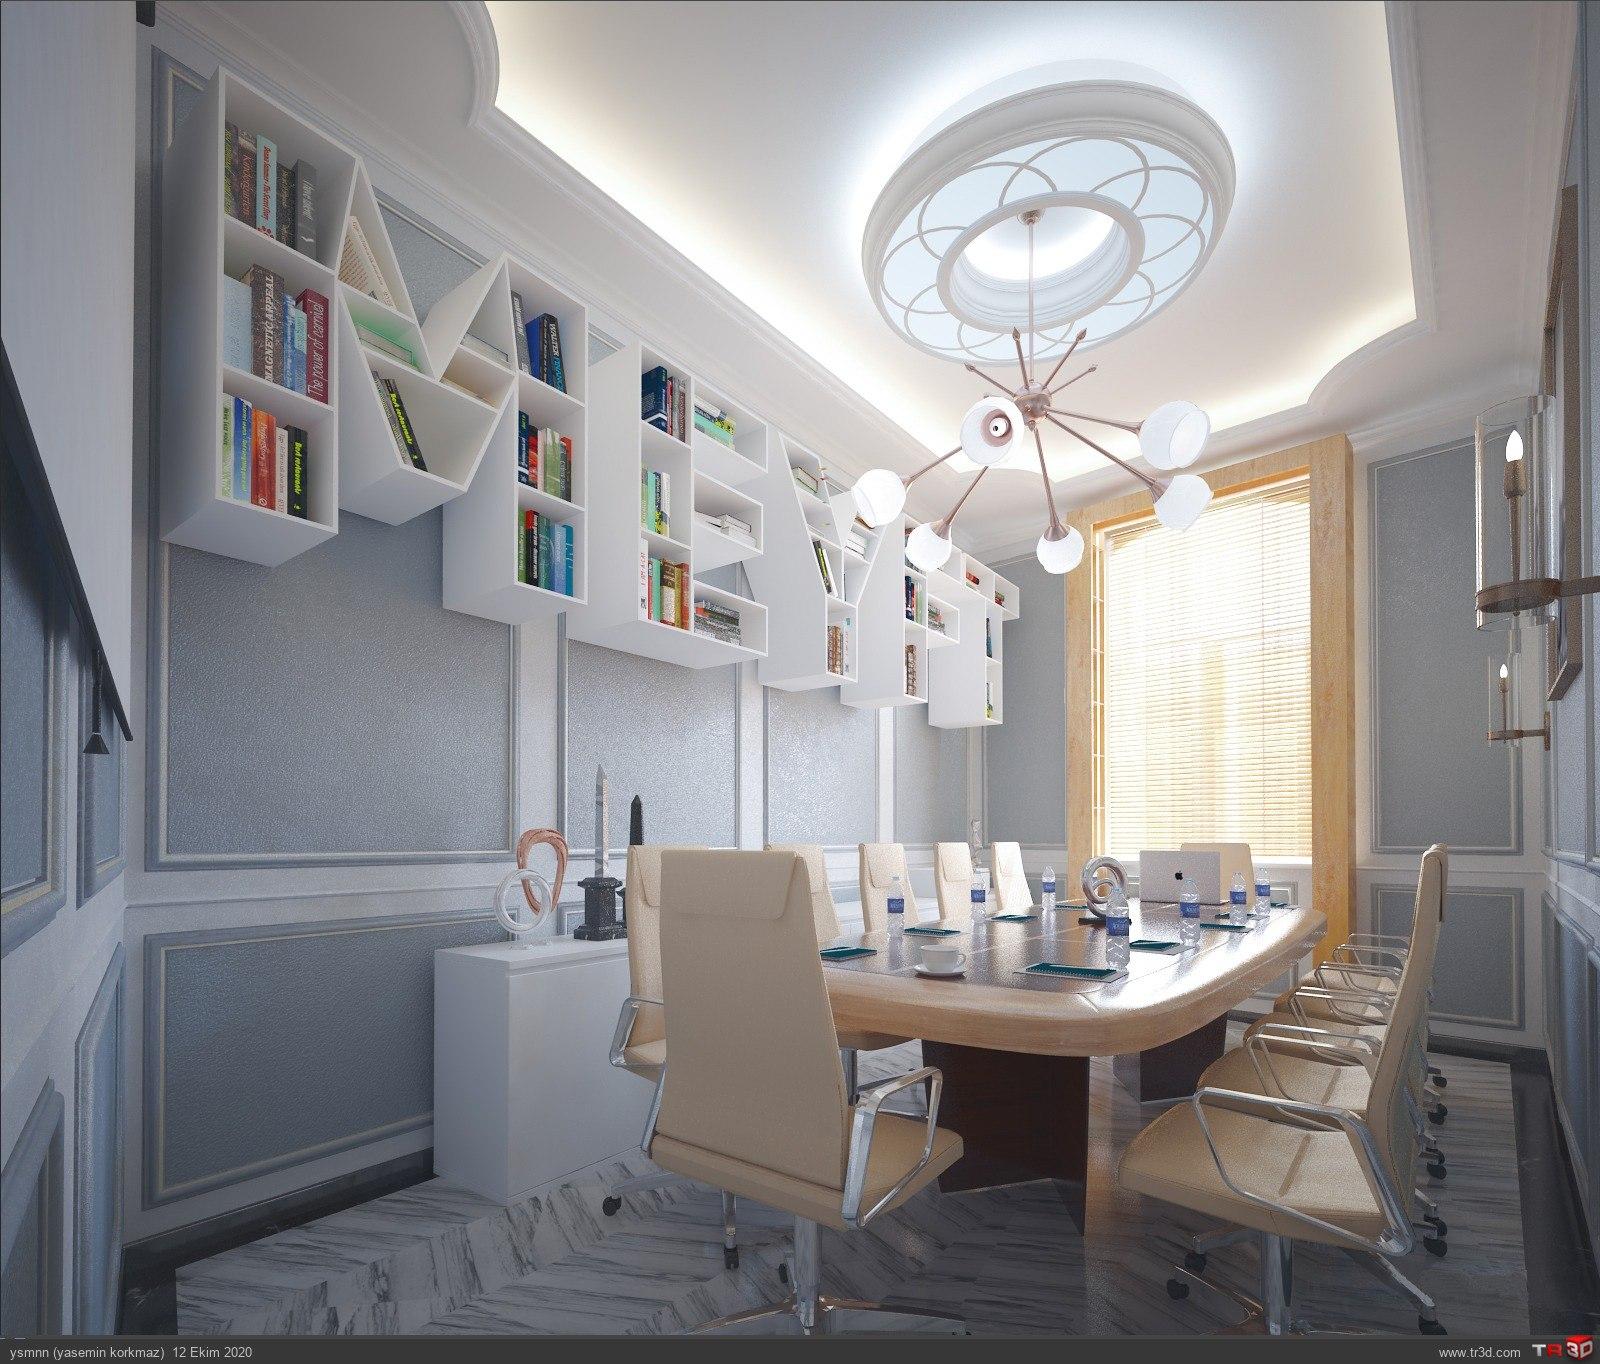 Bakü Toplantı Odası